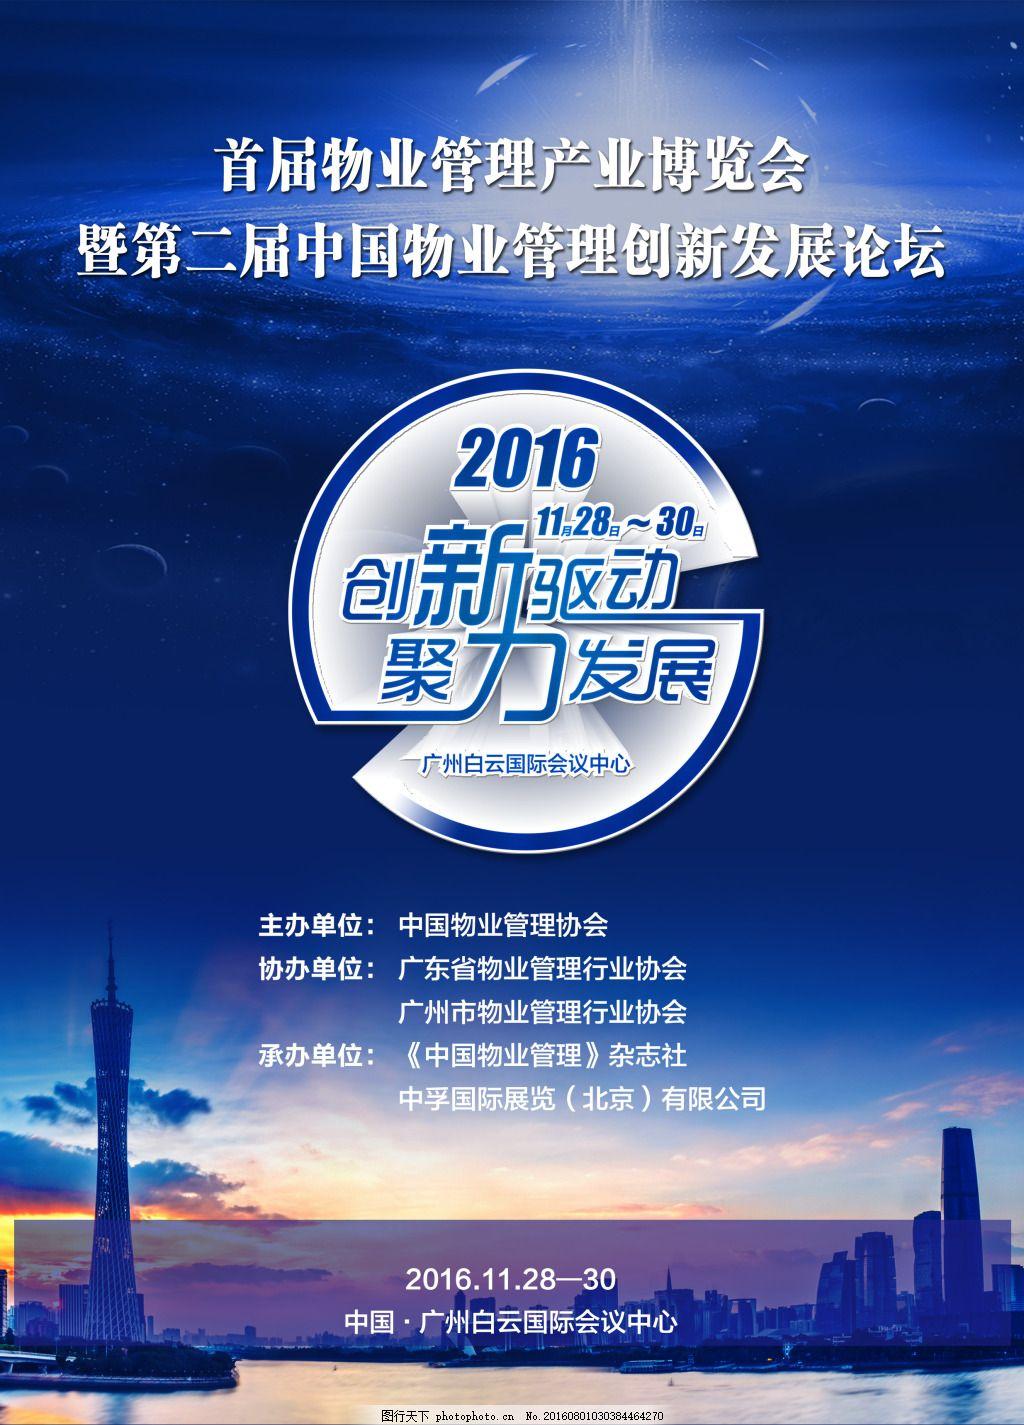 峰会博览会宣传海报 物业 管理 高峰 论坛 背景 源文件